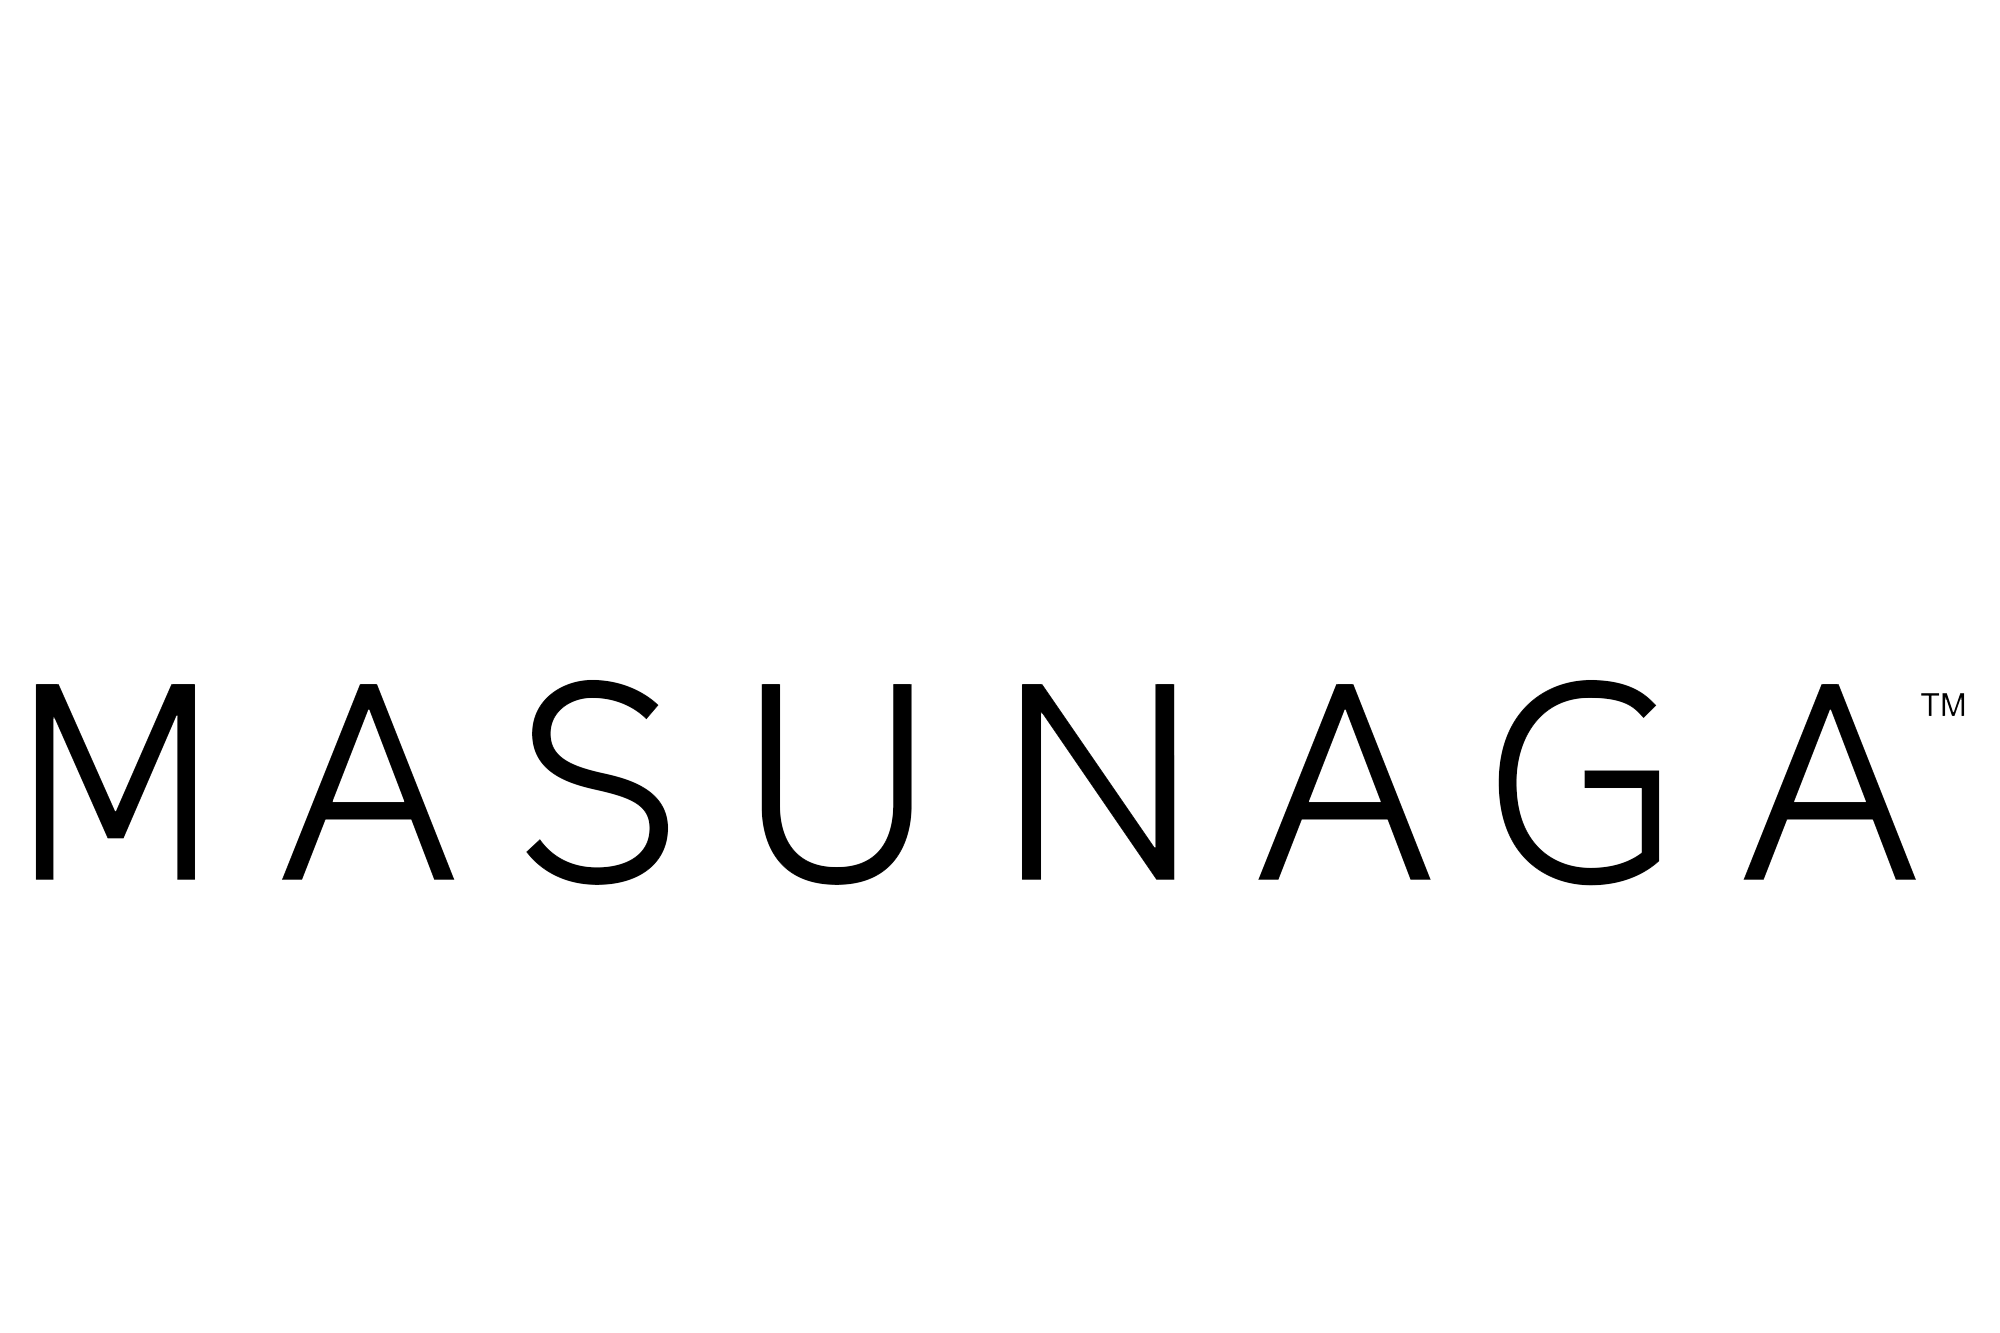 Masunaga - 088